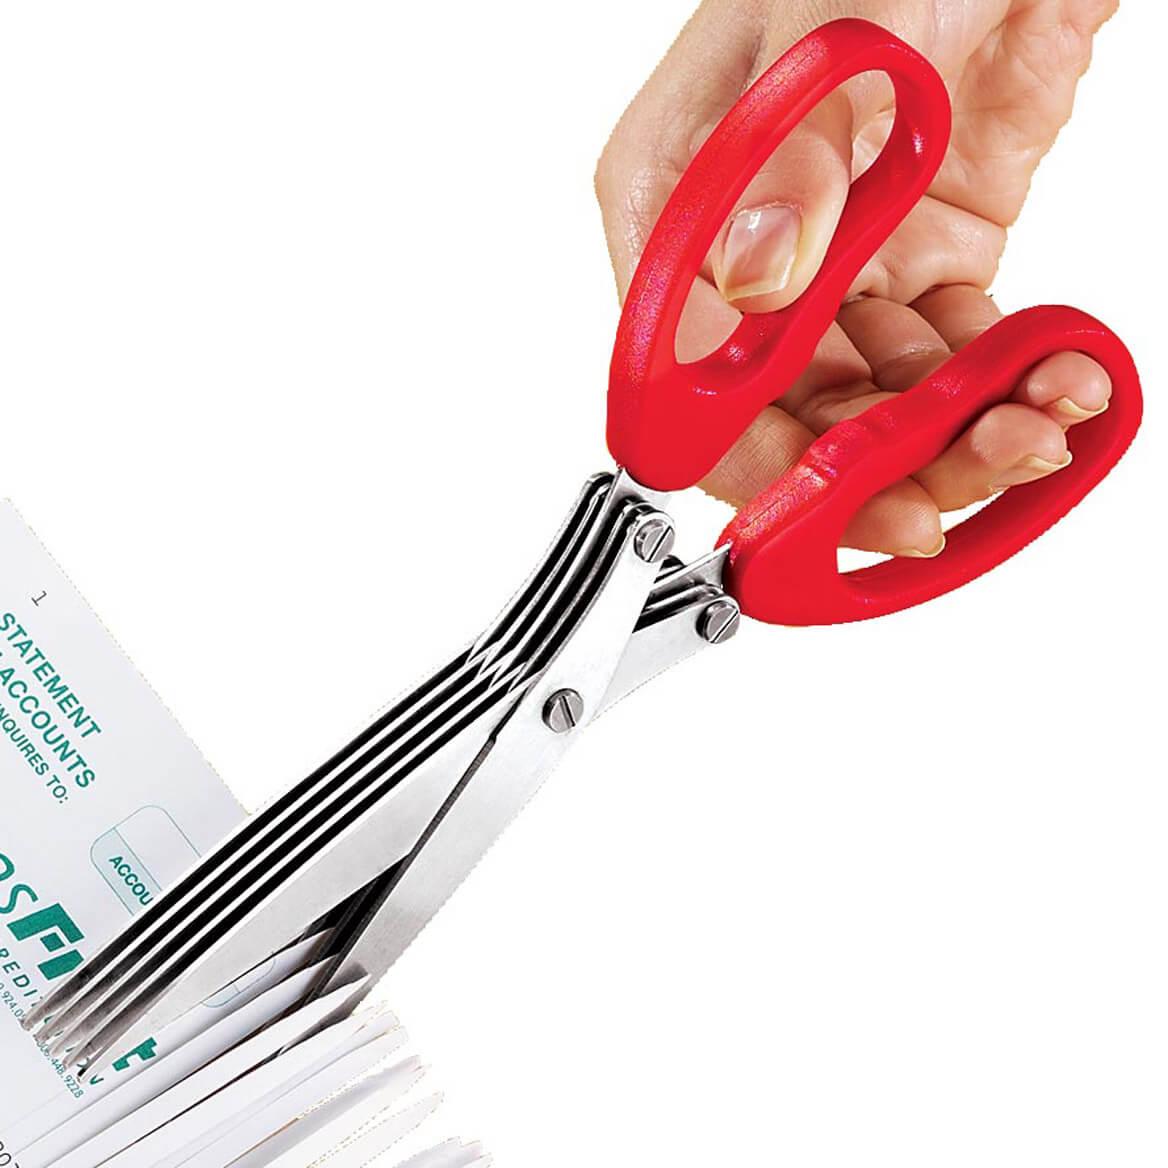 Shredding Scissors-316162